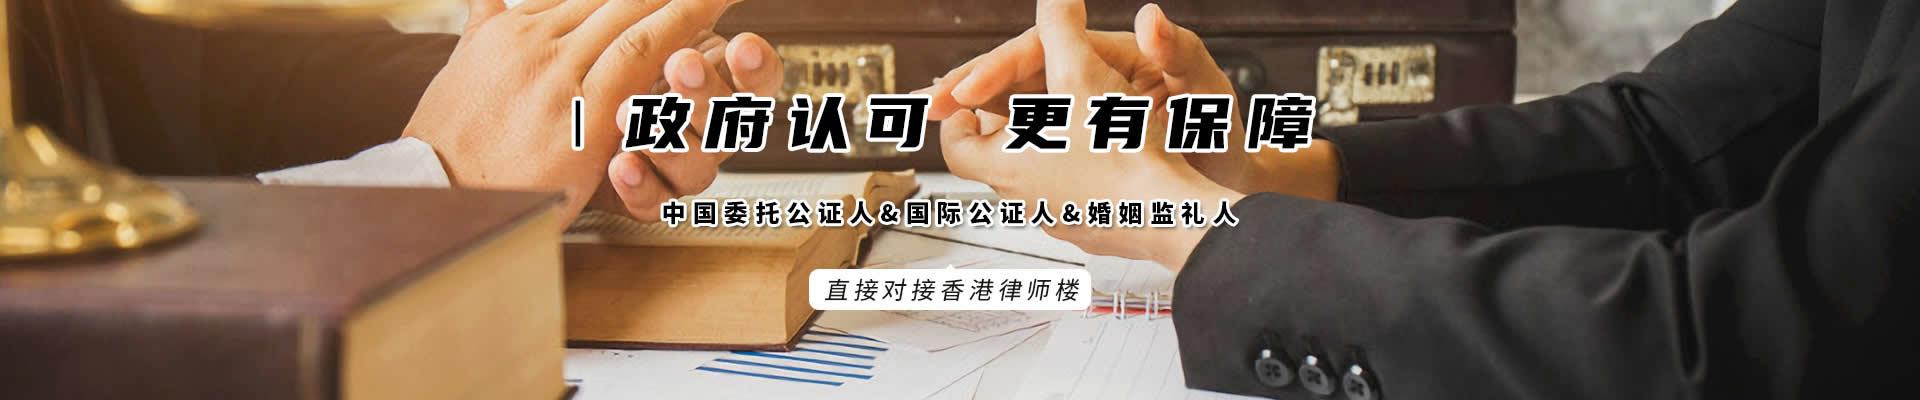 香港律师公证网是经政府注册认可的本港企业和这个委托公证人协会成员